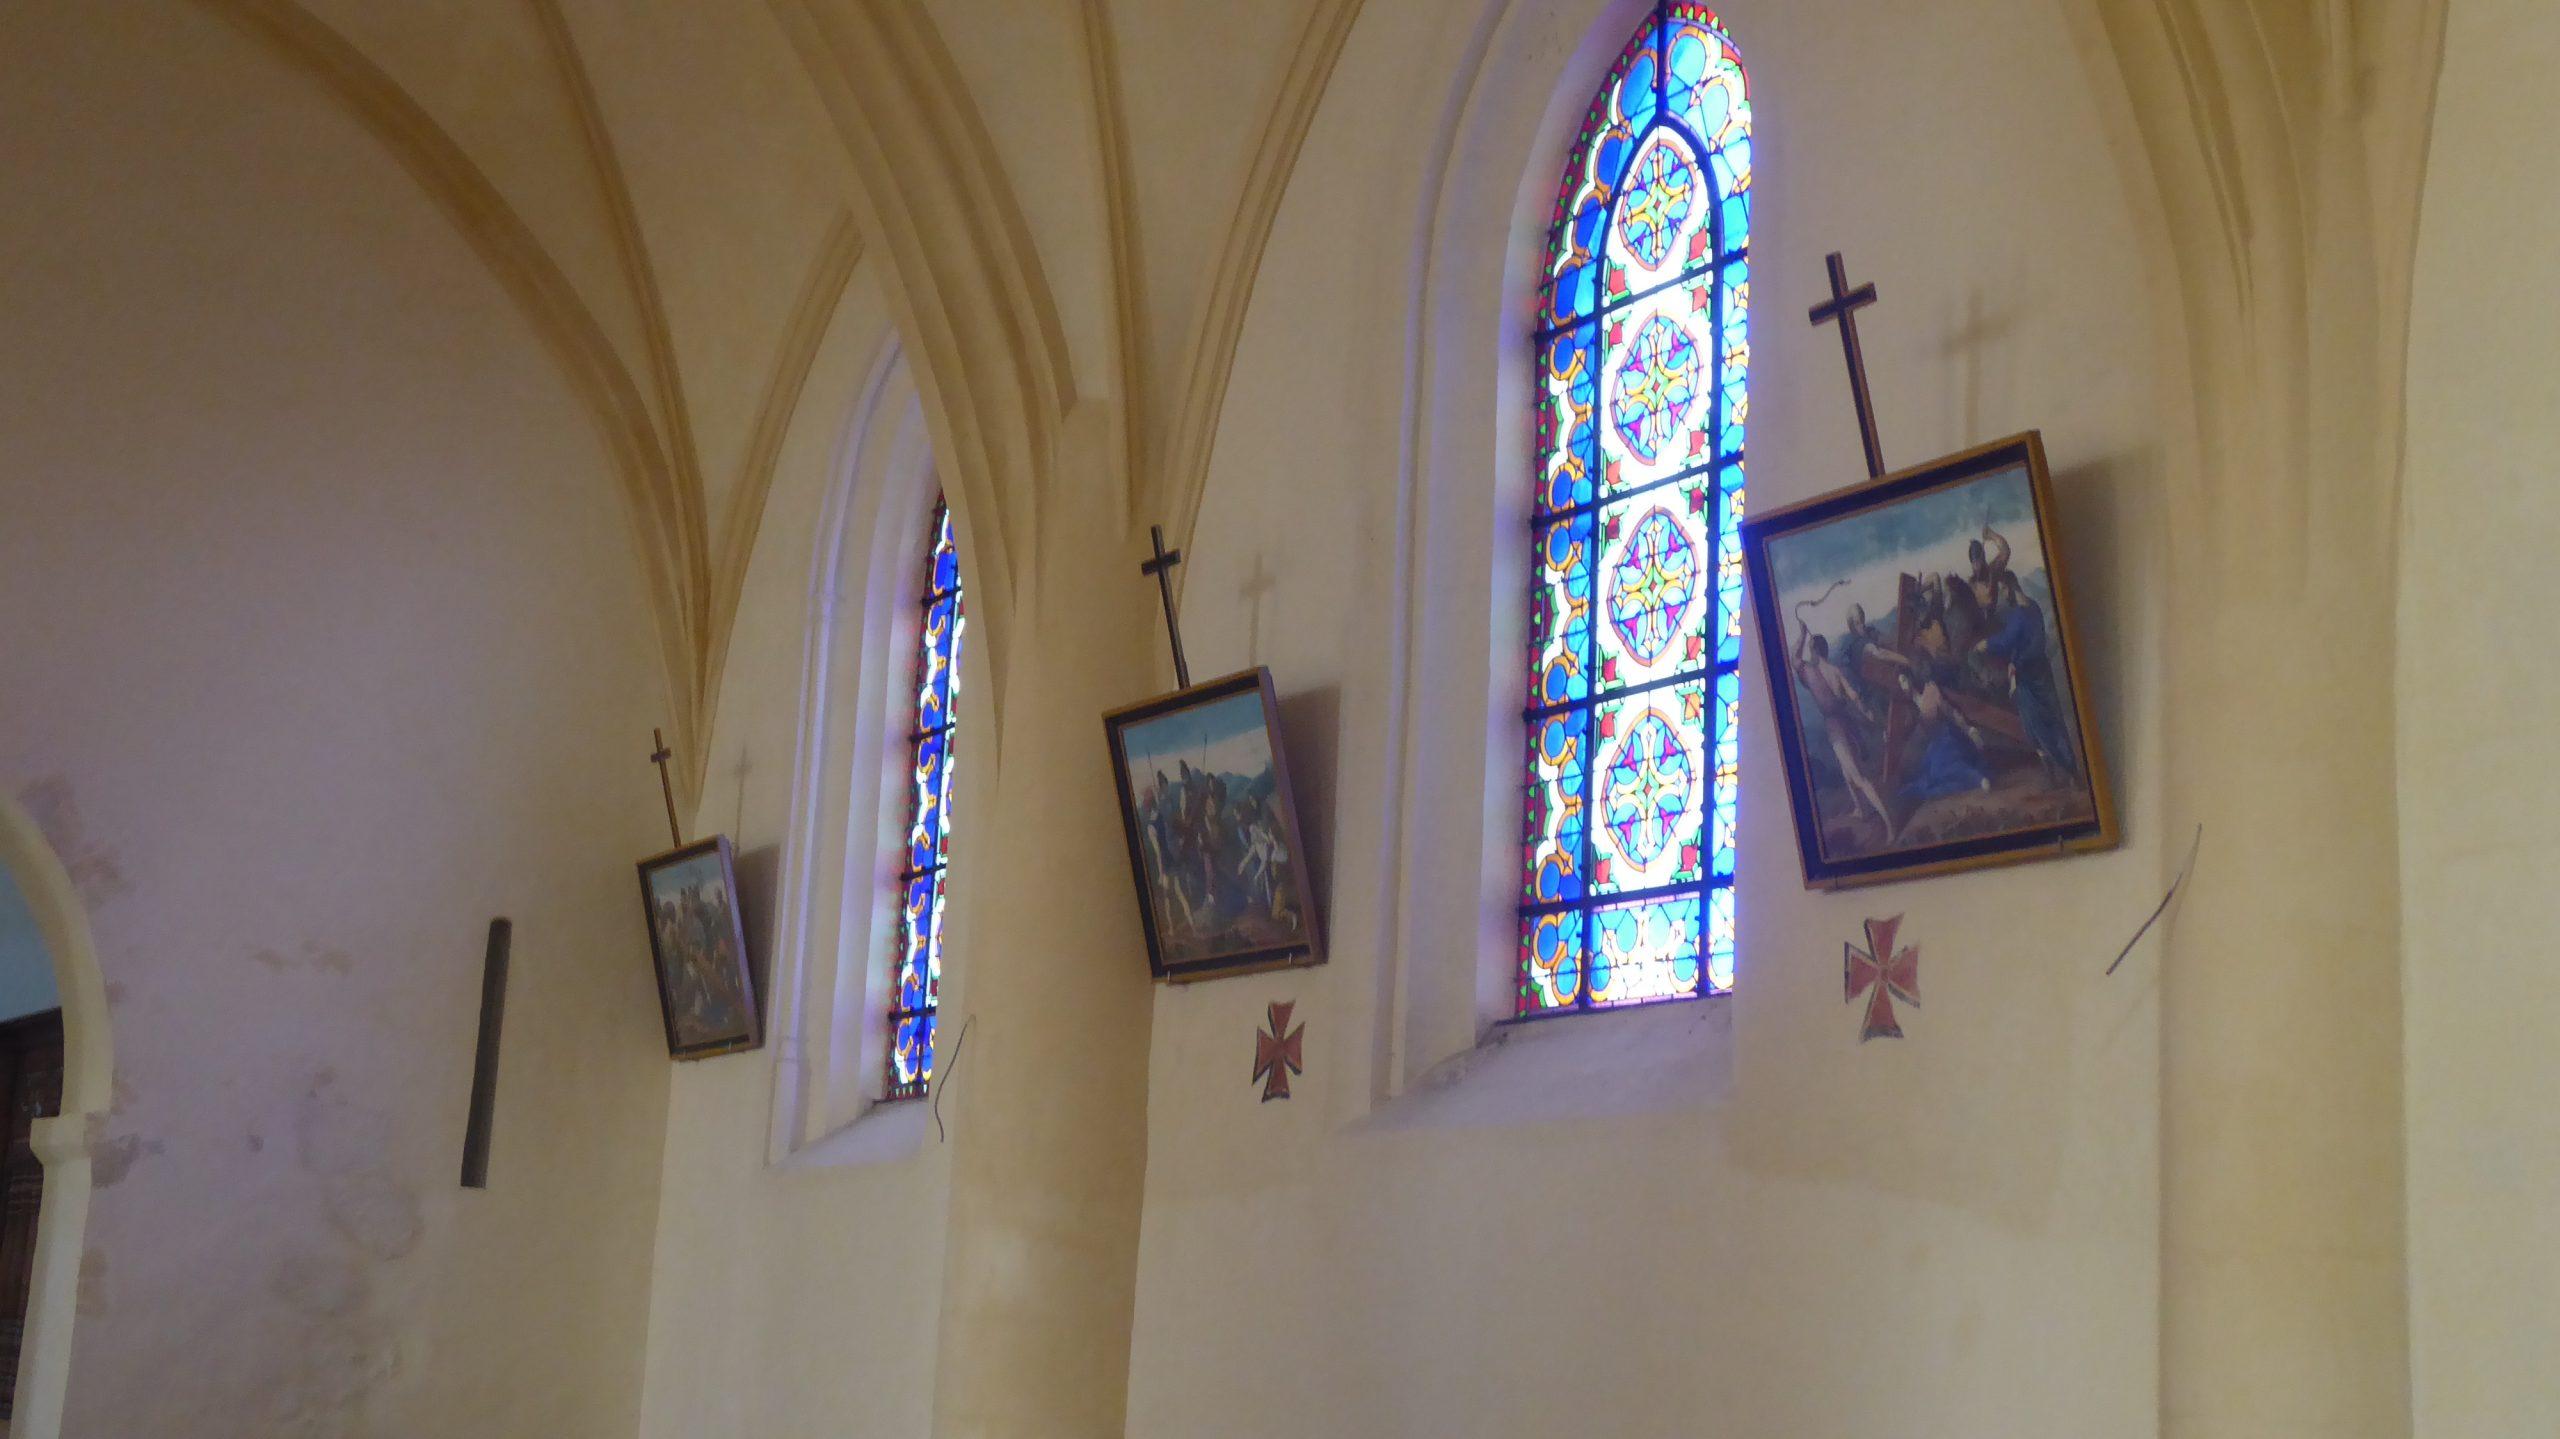 Ars - Eglise - Vitraux - 4 décembre 2019